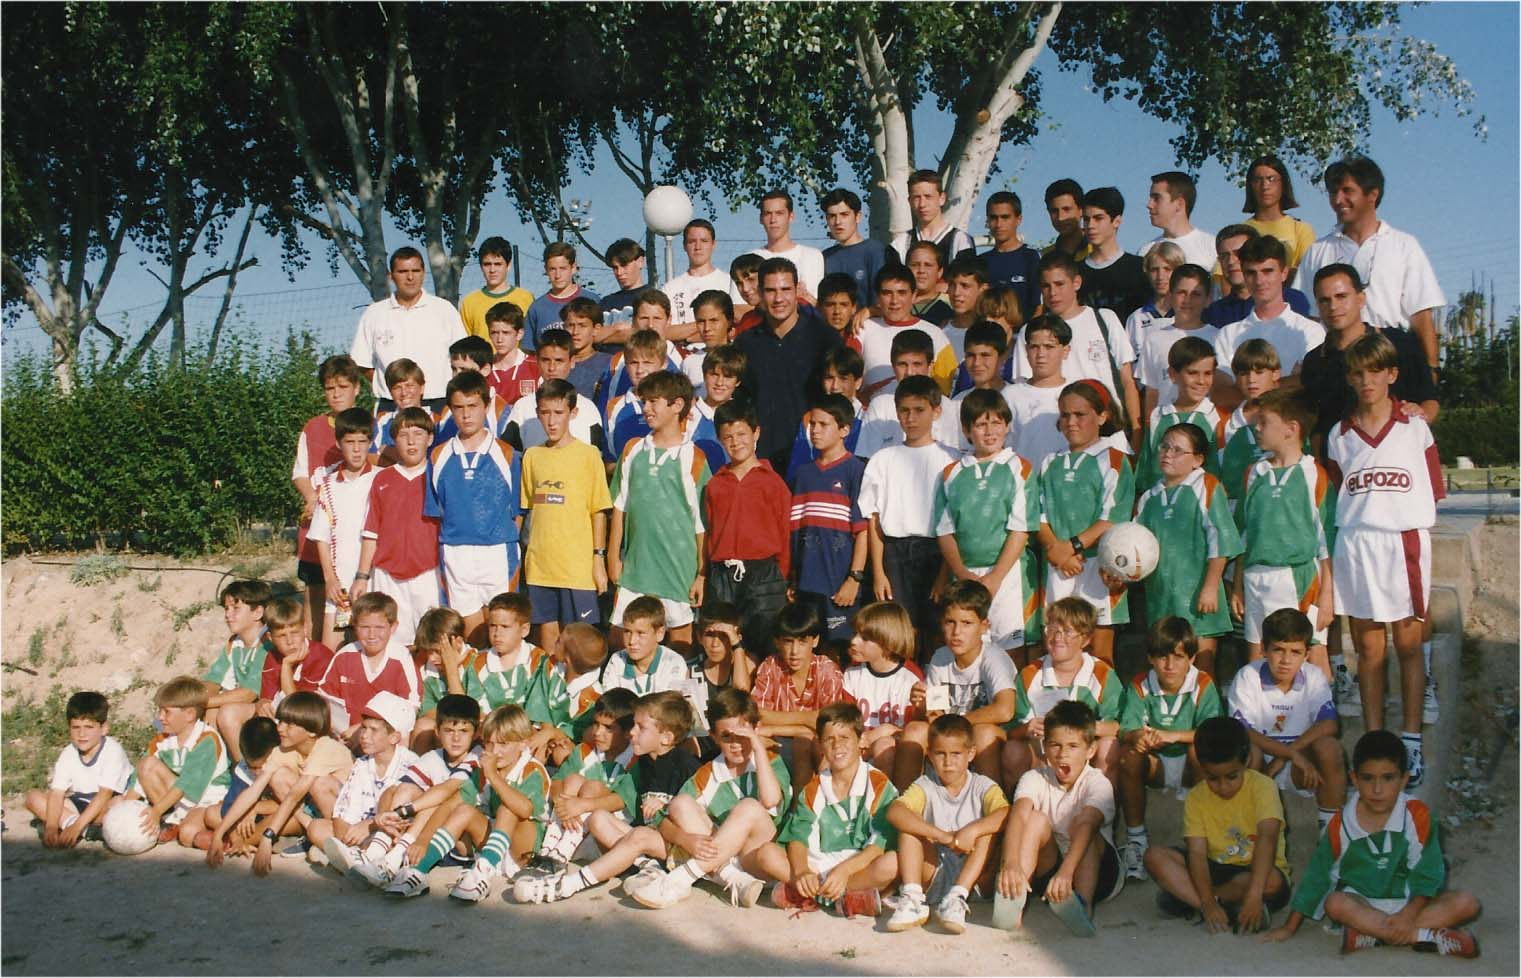 1997/98 ESCUELA OLIMPIC CLUB